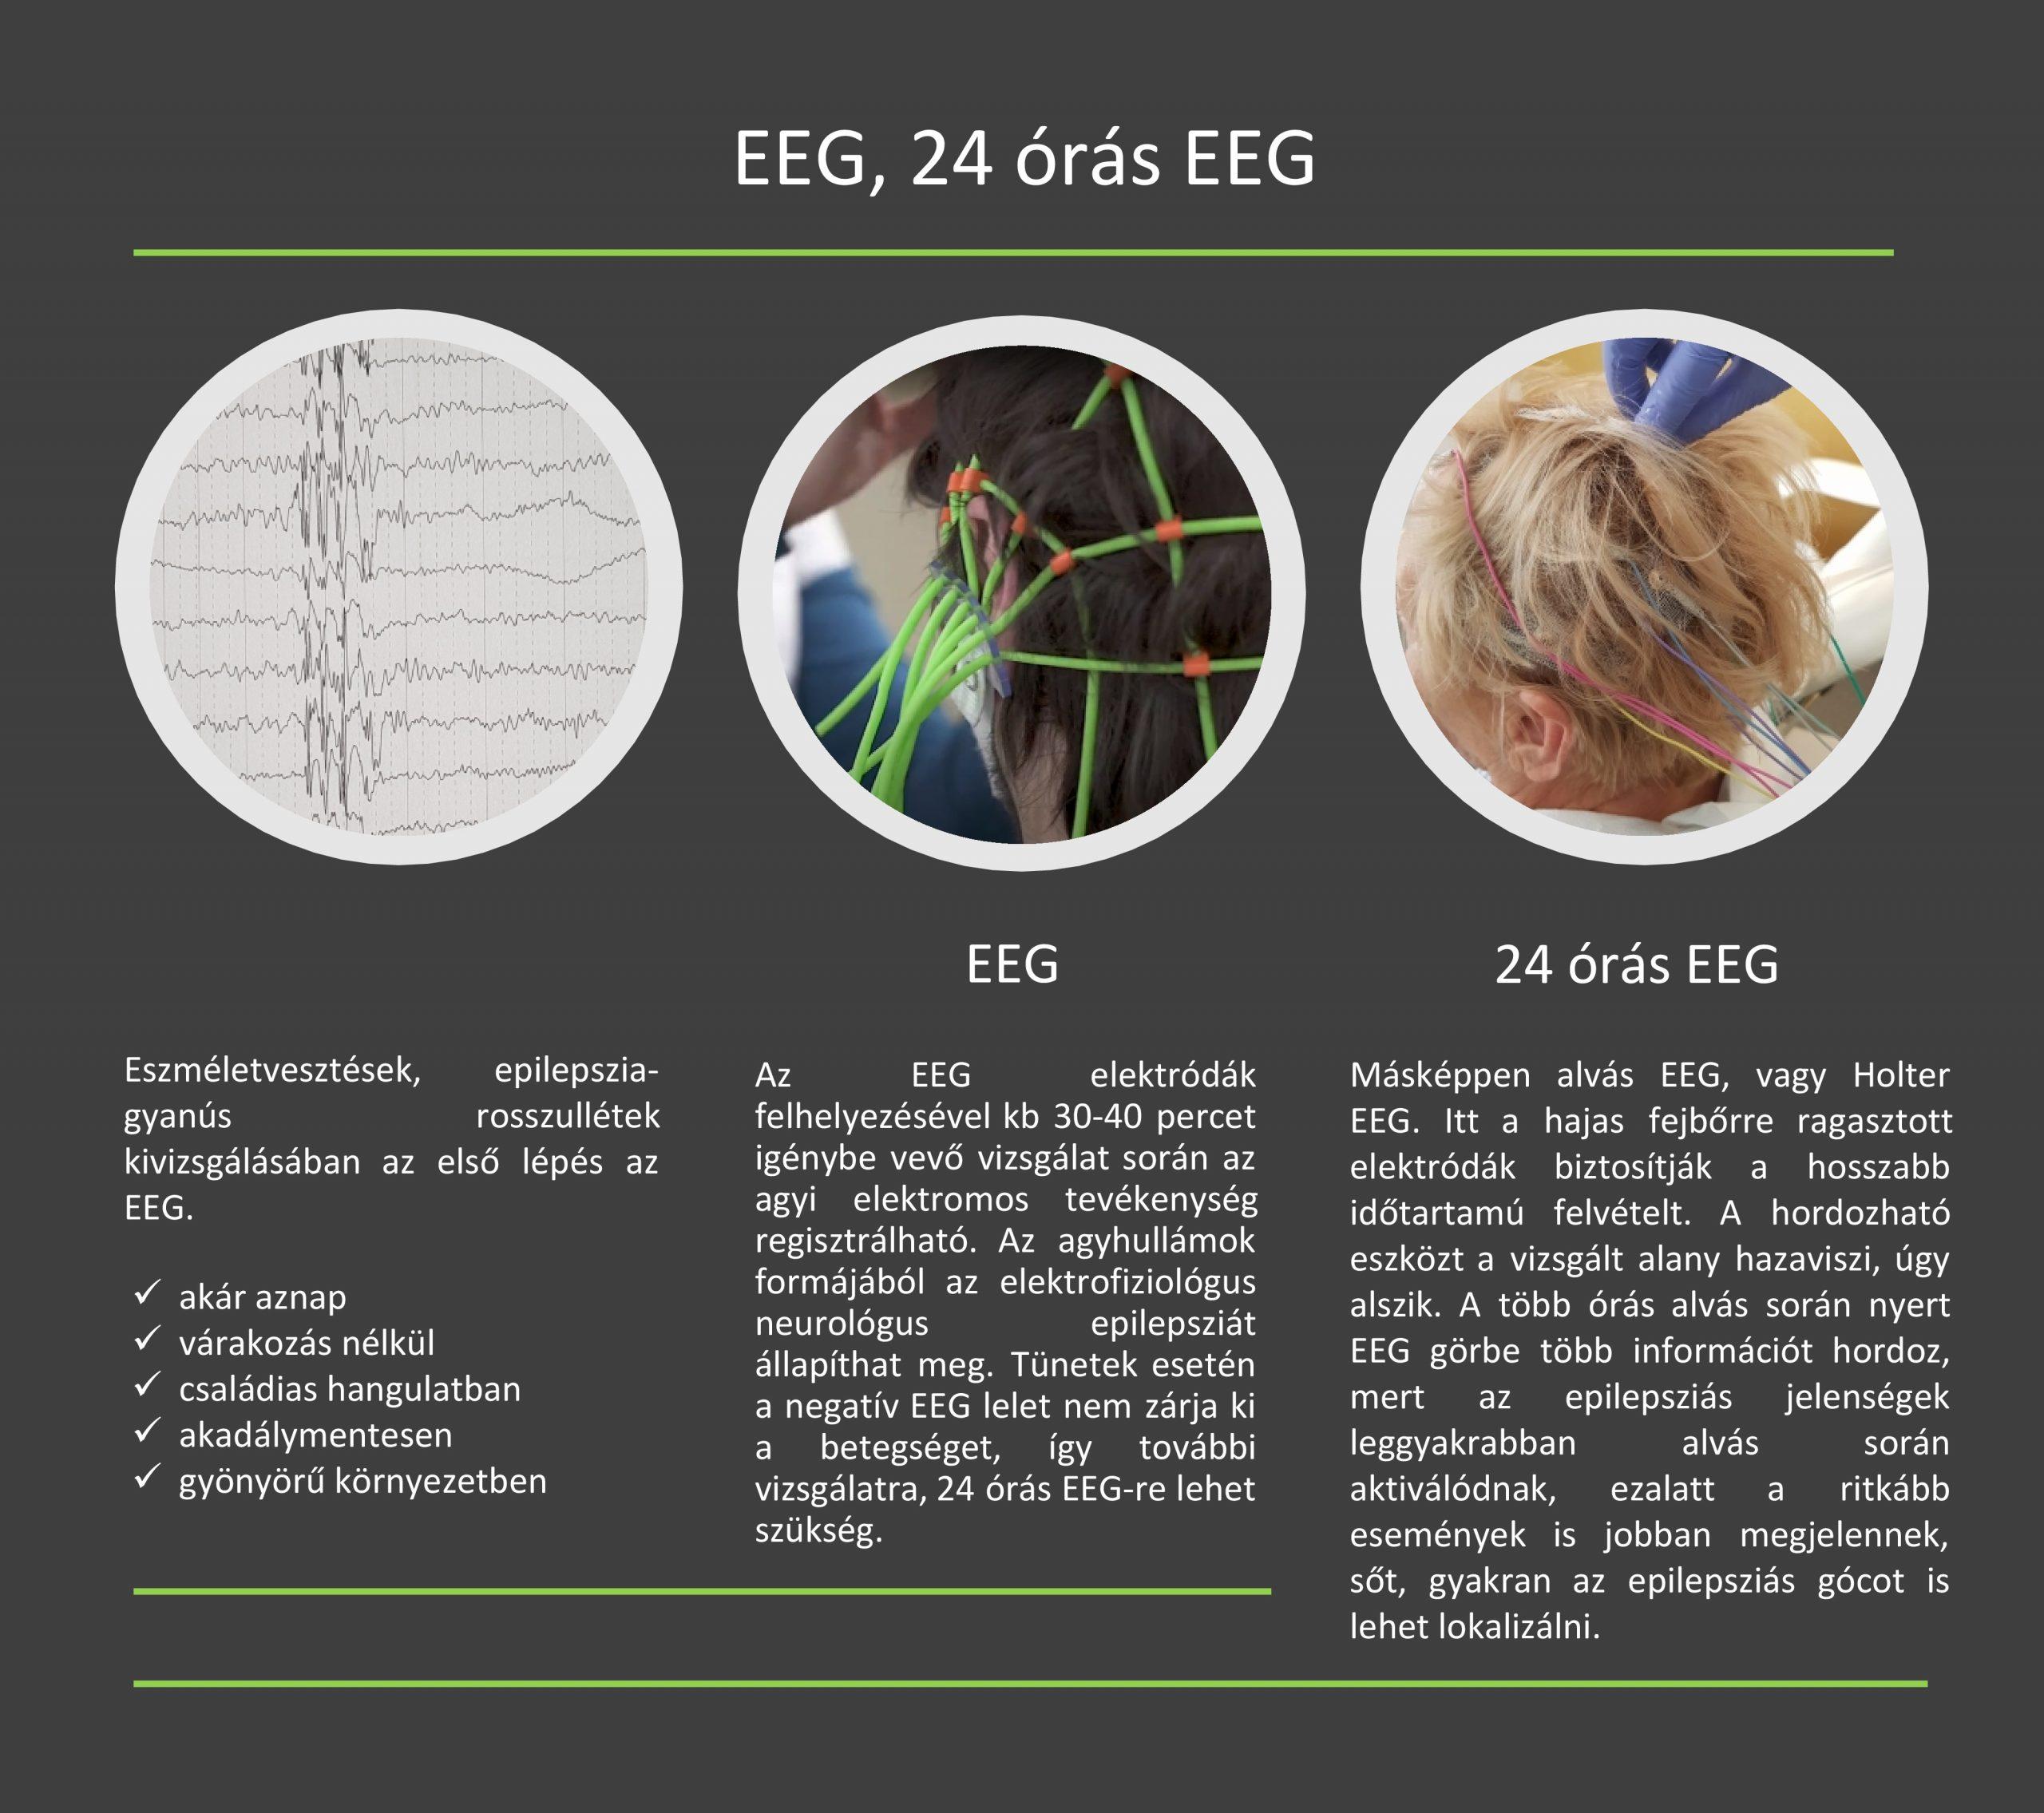 Epilepszia-gyanús rosszullétek kivizsgálásában az első lépés az EEG (elektroenkefalográfia):   Az EEG elektródák felhelyezésével kb 30-40 percet igénybe vevő vizsgálat során az agyi elektromos tevékenység regisztrálható. Az agyhullámok formájából az elektrofiziológus neurológus epilepsziát állapíthat meg. Tünetek esetén a negatív EEG lelet nem zárja ki az epilepsziát, így további vizsgálatra, 24 órás EEG-re lehet szükség.  24 órás EEG (alvás EEG, Holter EEG): itt a hajas fejbőrre ragasztott elektródák biztosítják a hosszabb időtartamú felvételt. A hordozható, felcsatolható eszközt a vizsgált alany hazaviszi, úgy alszik. A több órás alvás során nyert EEG görbe több információt hordoz, mert az epilepsziás jelenségek leggyakrabban alvás során aktiválódnak, ezalatt a ritkább események is jobban megjelennek, sőt, gyakran az epilepsziás gócot is lehet lokalizálni.